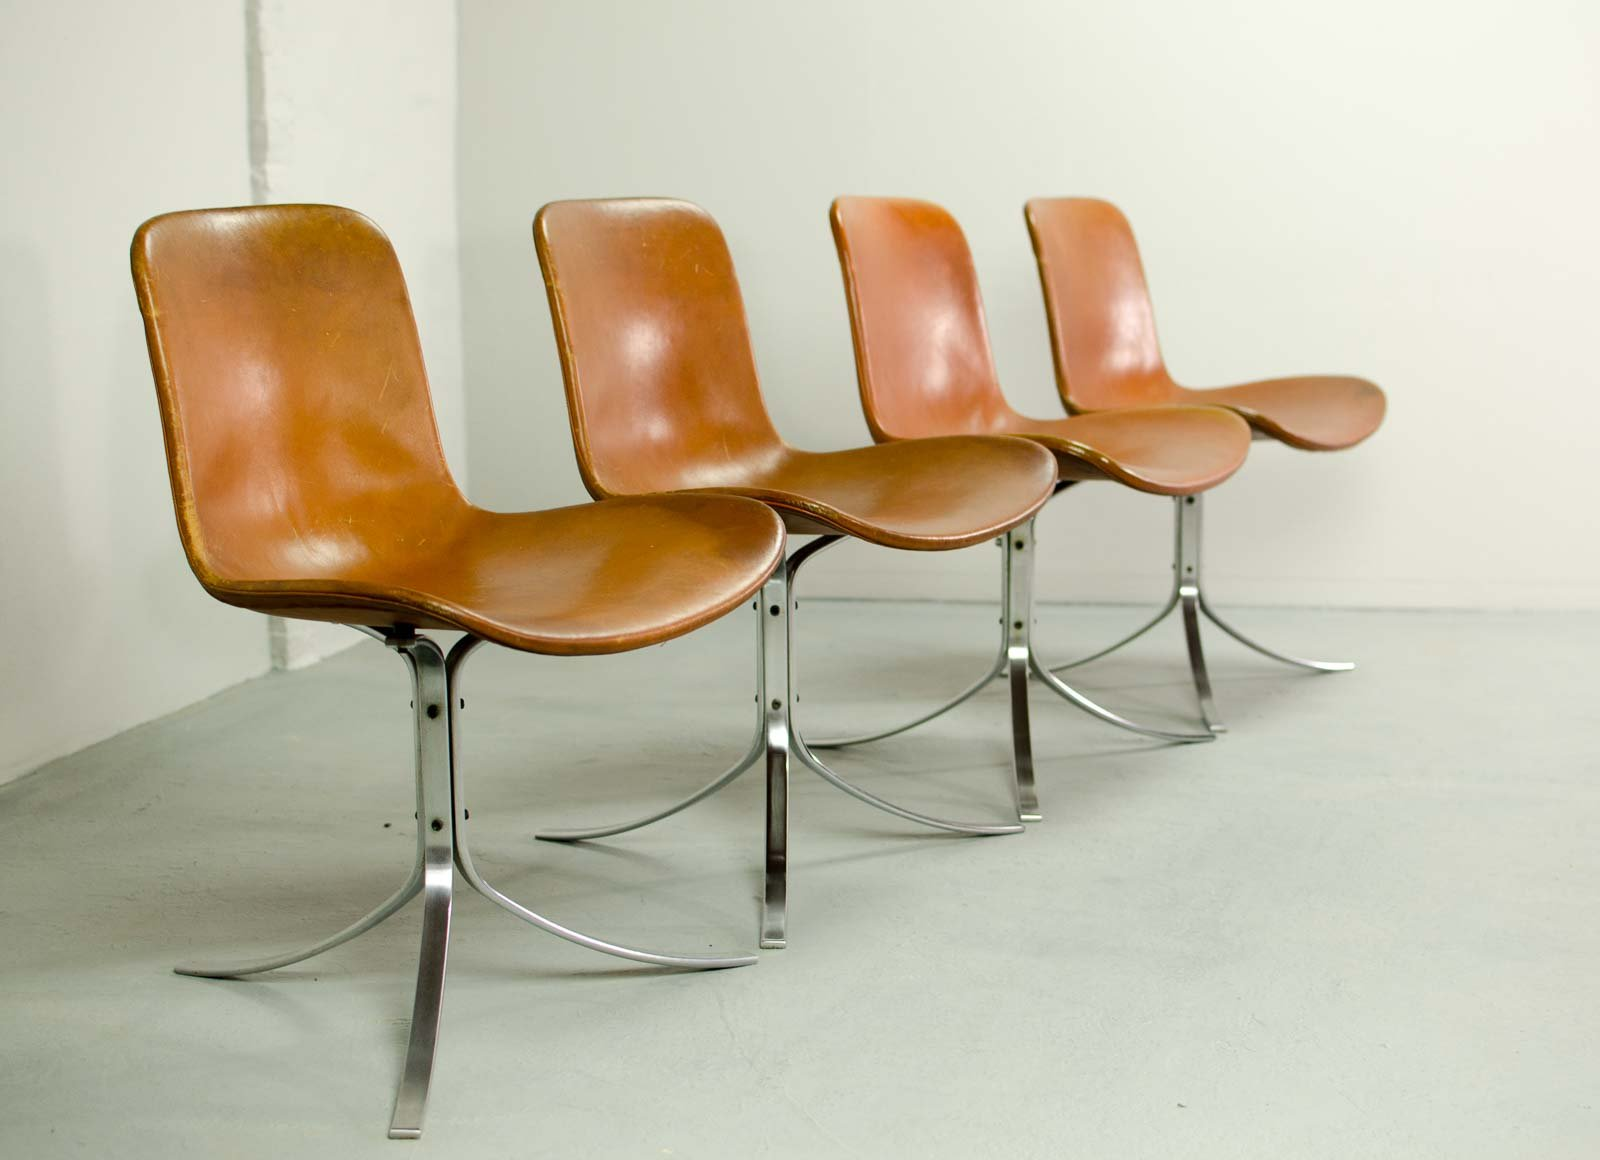 erstauflage pk9 esszimmer st hle von poul kjaerholm f r e kold christensen 1960er 4er set bei. Black Bedroom Furniture Sets. Home Design Ideas